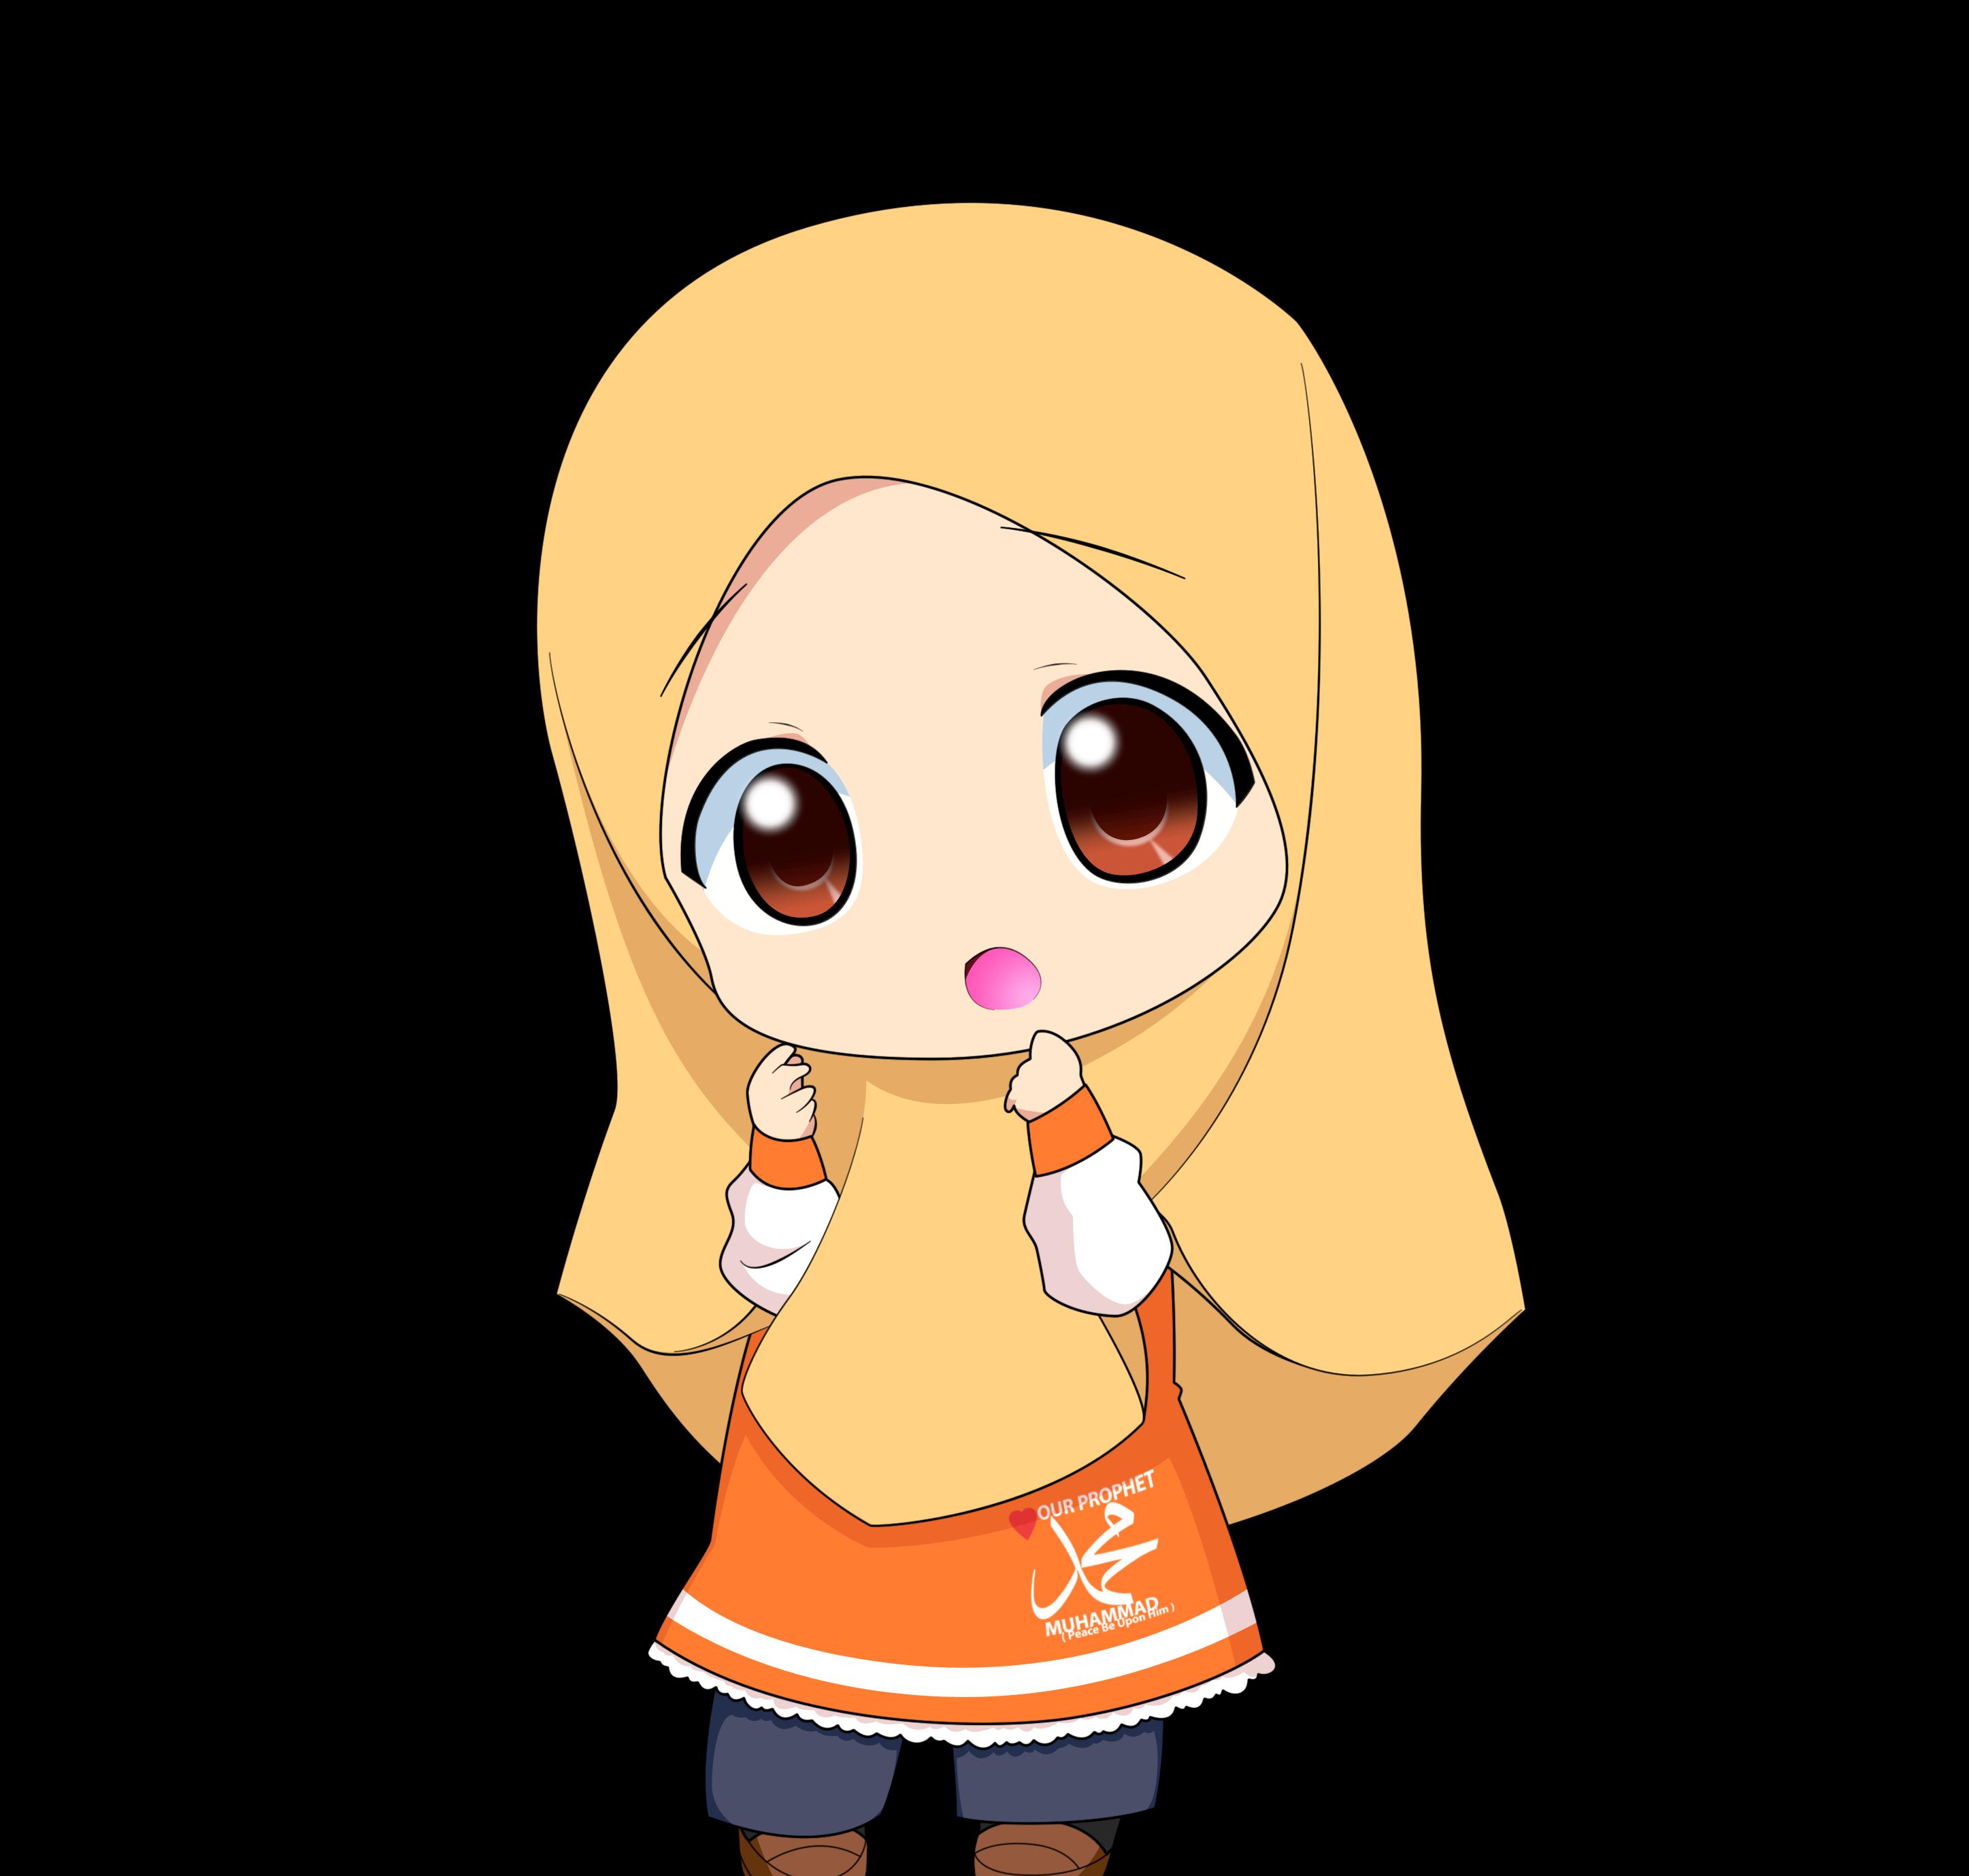 Unduh 68 Gambar Animasi Untuk Anak Perempuan HD Paling Keren